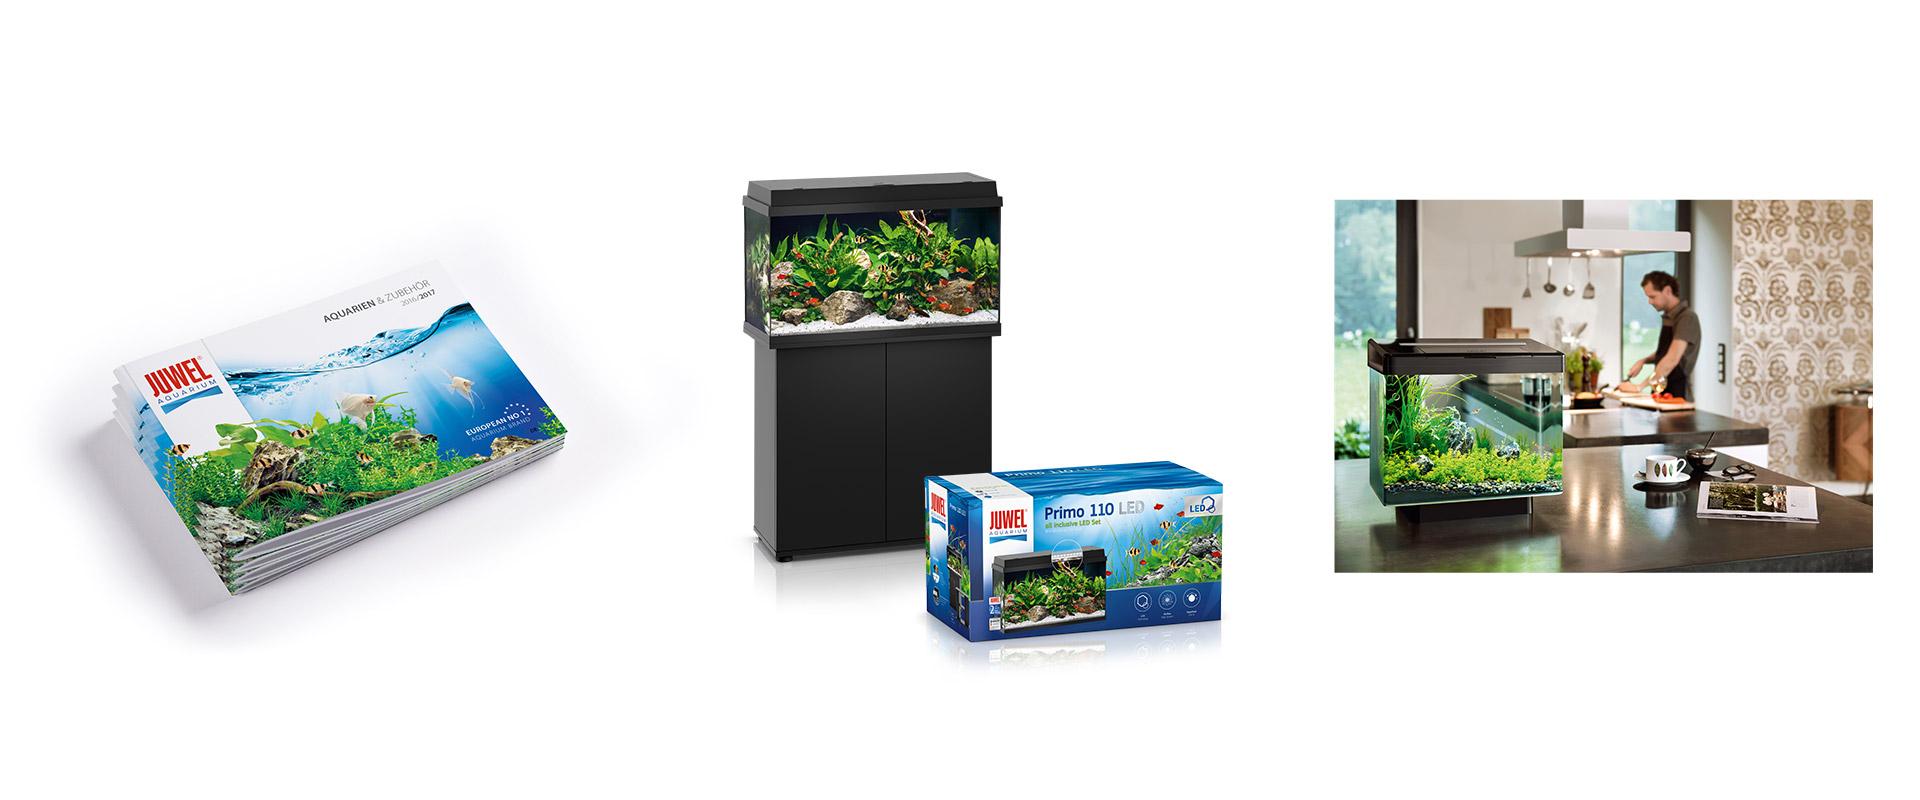 Markenprofil für Juwel Aquarium bestehend aus Grafik, Print, Packaging und Fotos. Umgesetzt von Redeleit und Junker